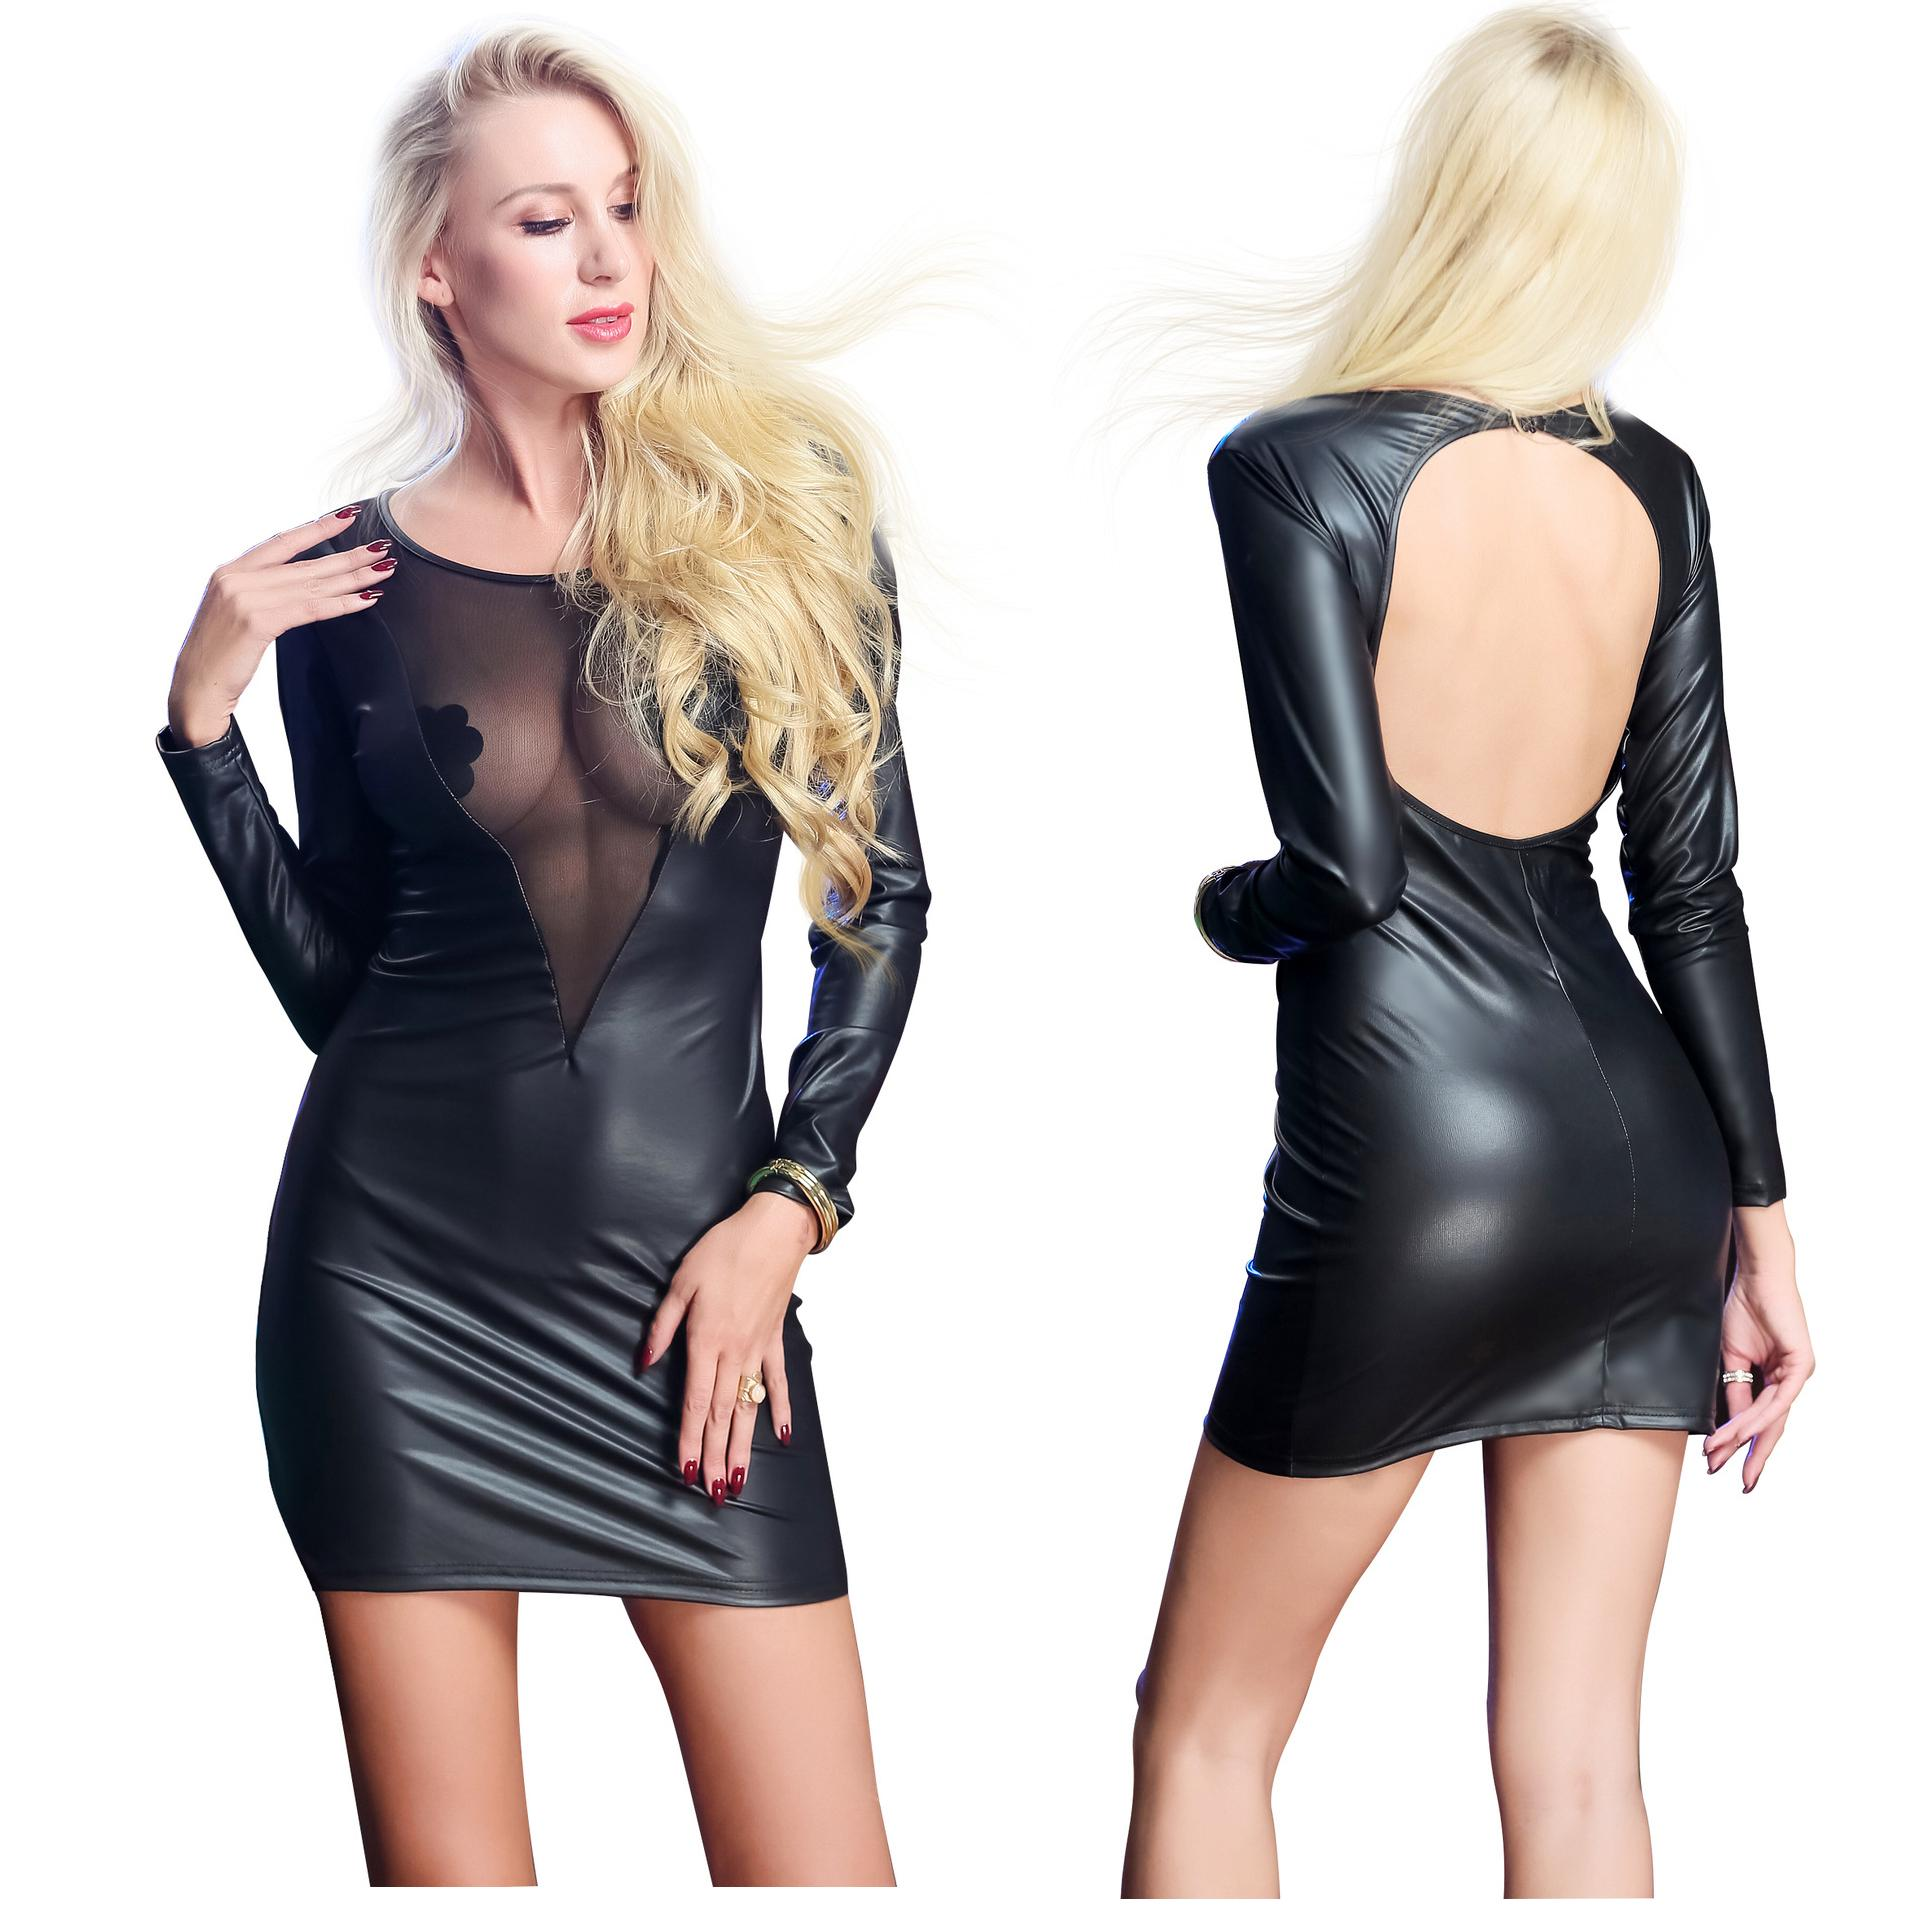 Livraison gratuite sexy en cuir à manches longues robe dame Tight évider Backless ClubWear tenues boîte de nuit femme Party performance scénique